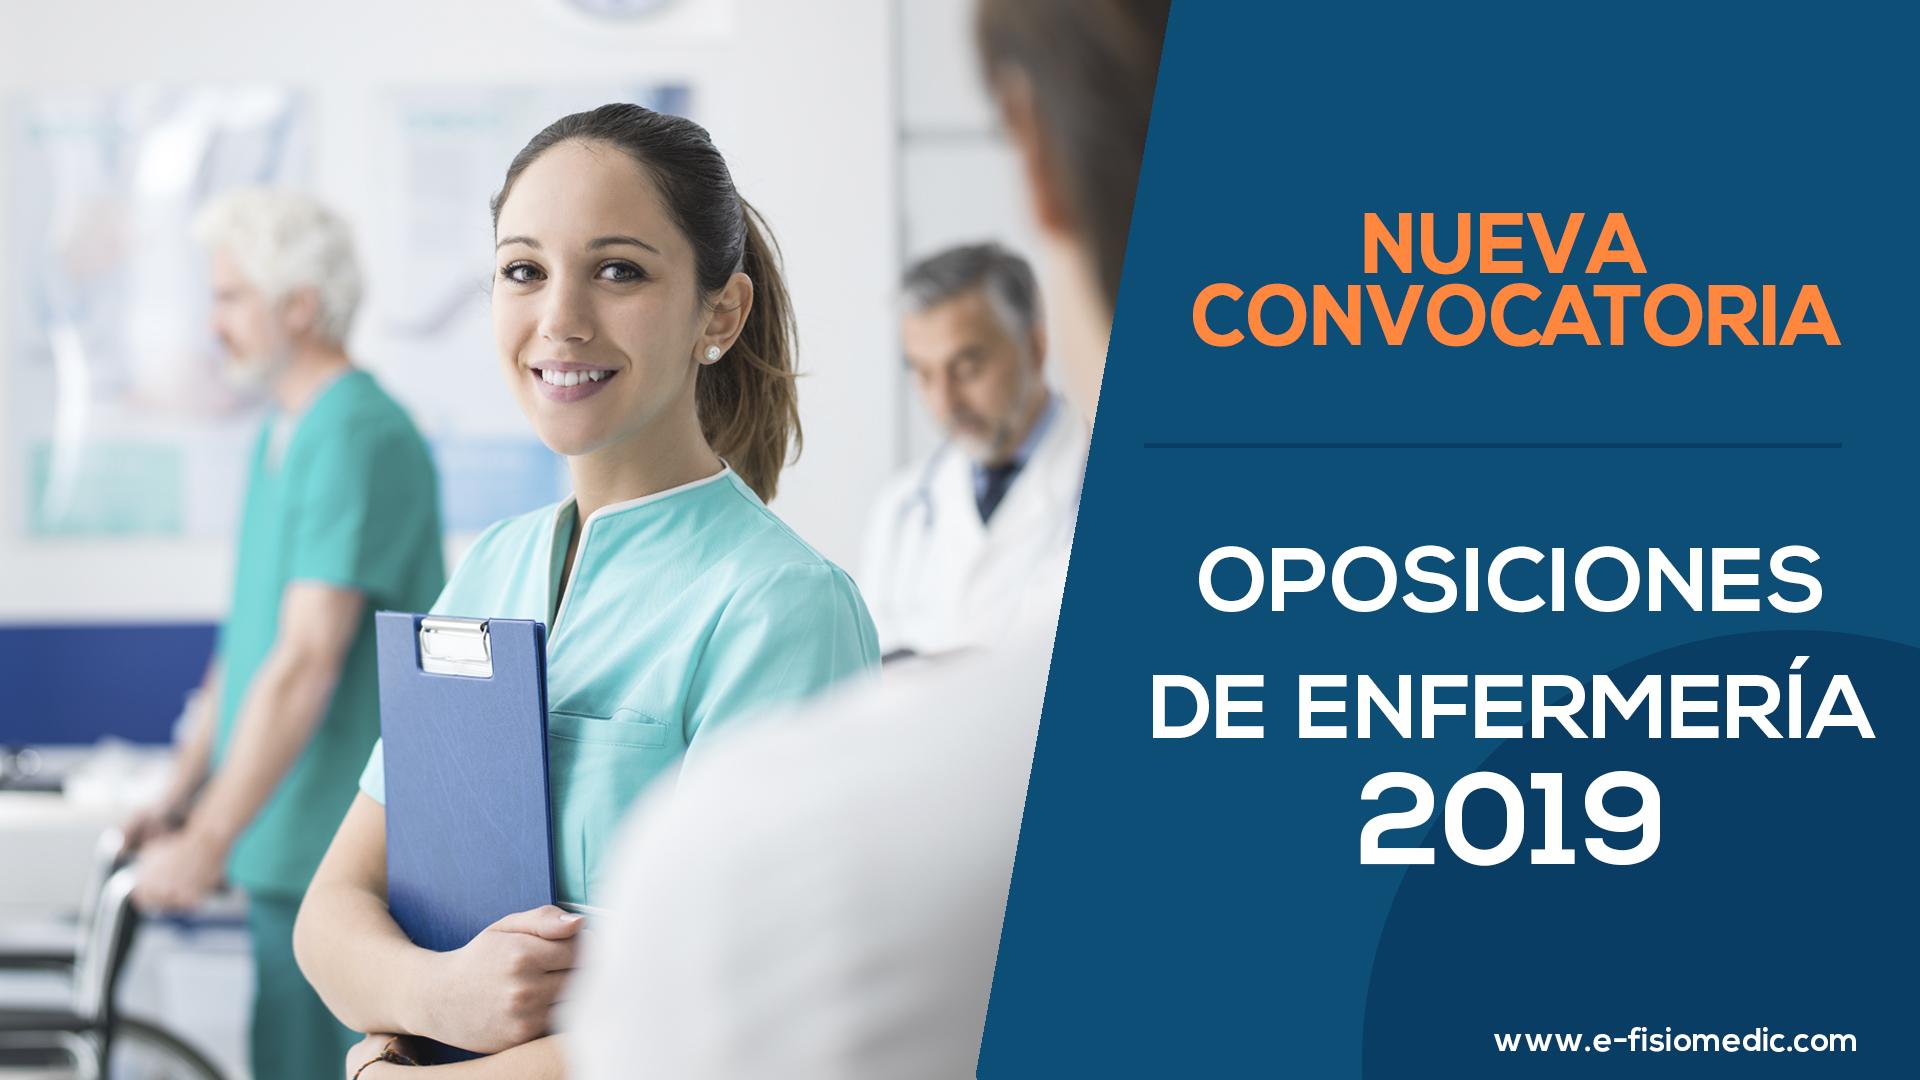 Nueva Convocatoria opesiciones de enfermería 2019